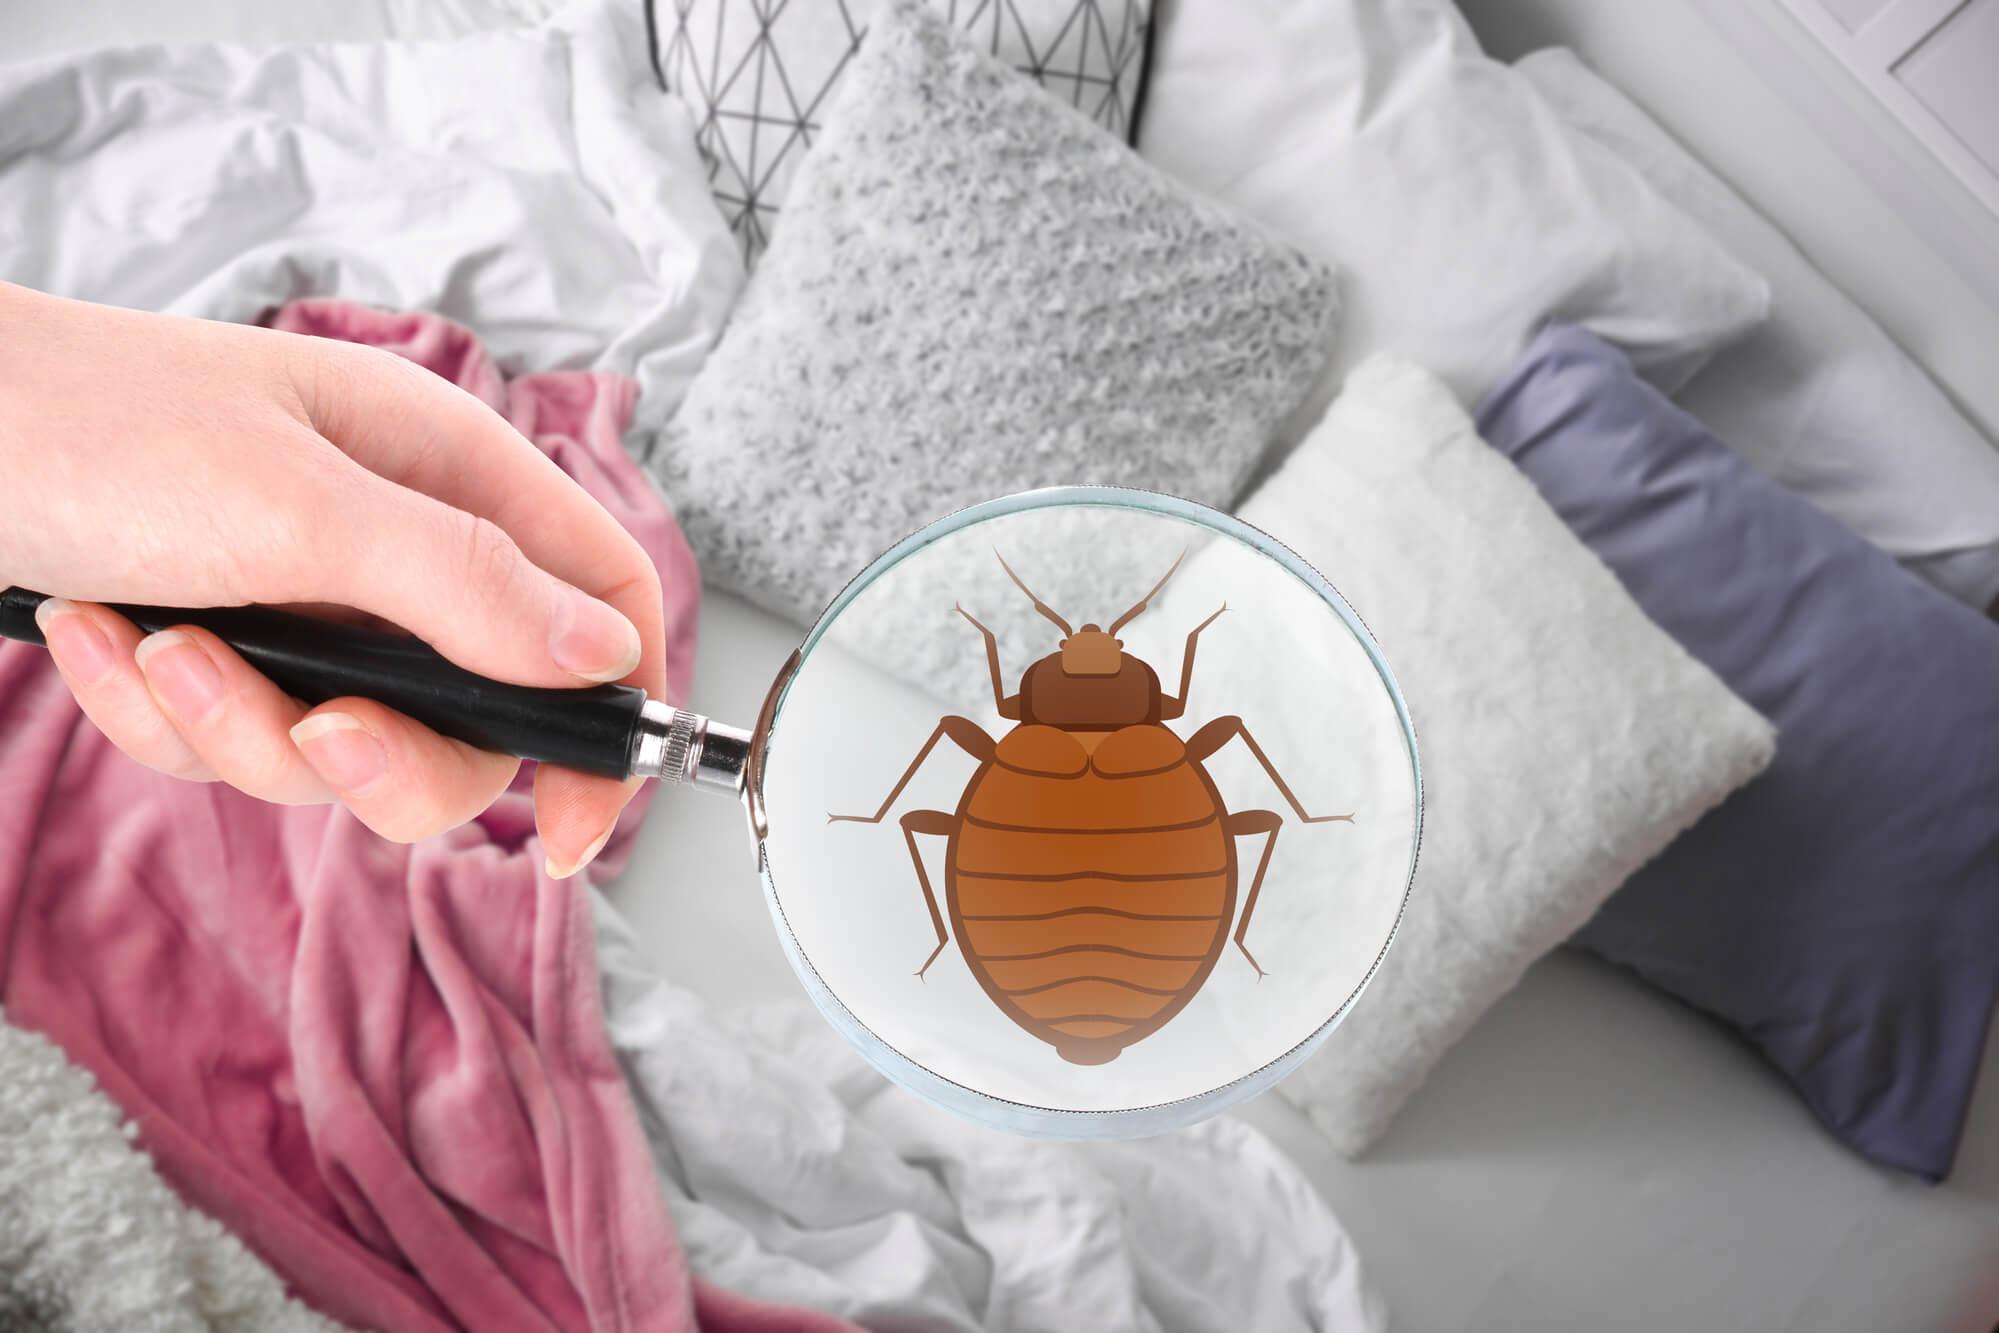 Как бороться с постельными клещами: появление, опасность, уничтожение